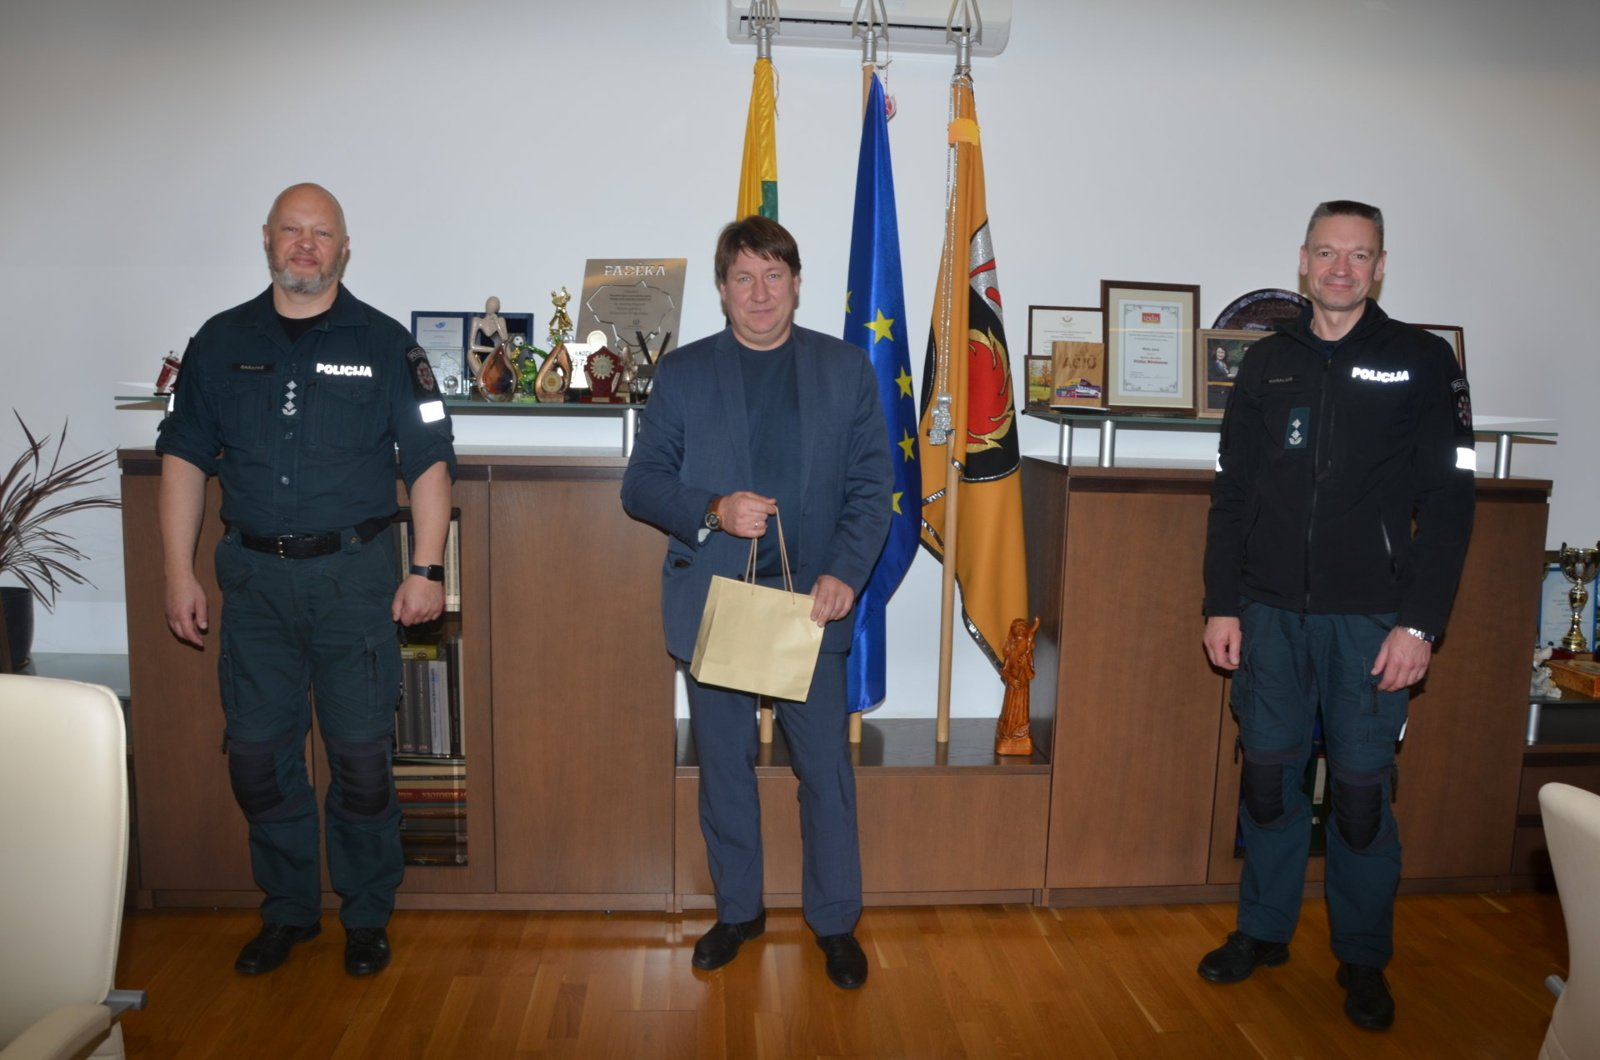 Merui pristatytas naujos policijos apygardos vadovas